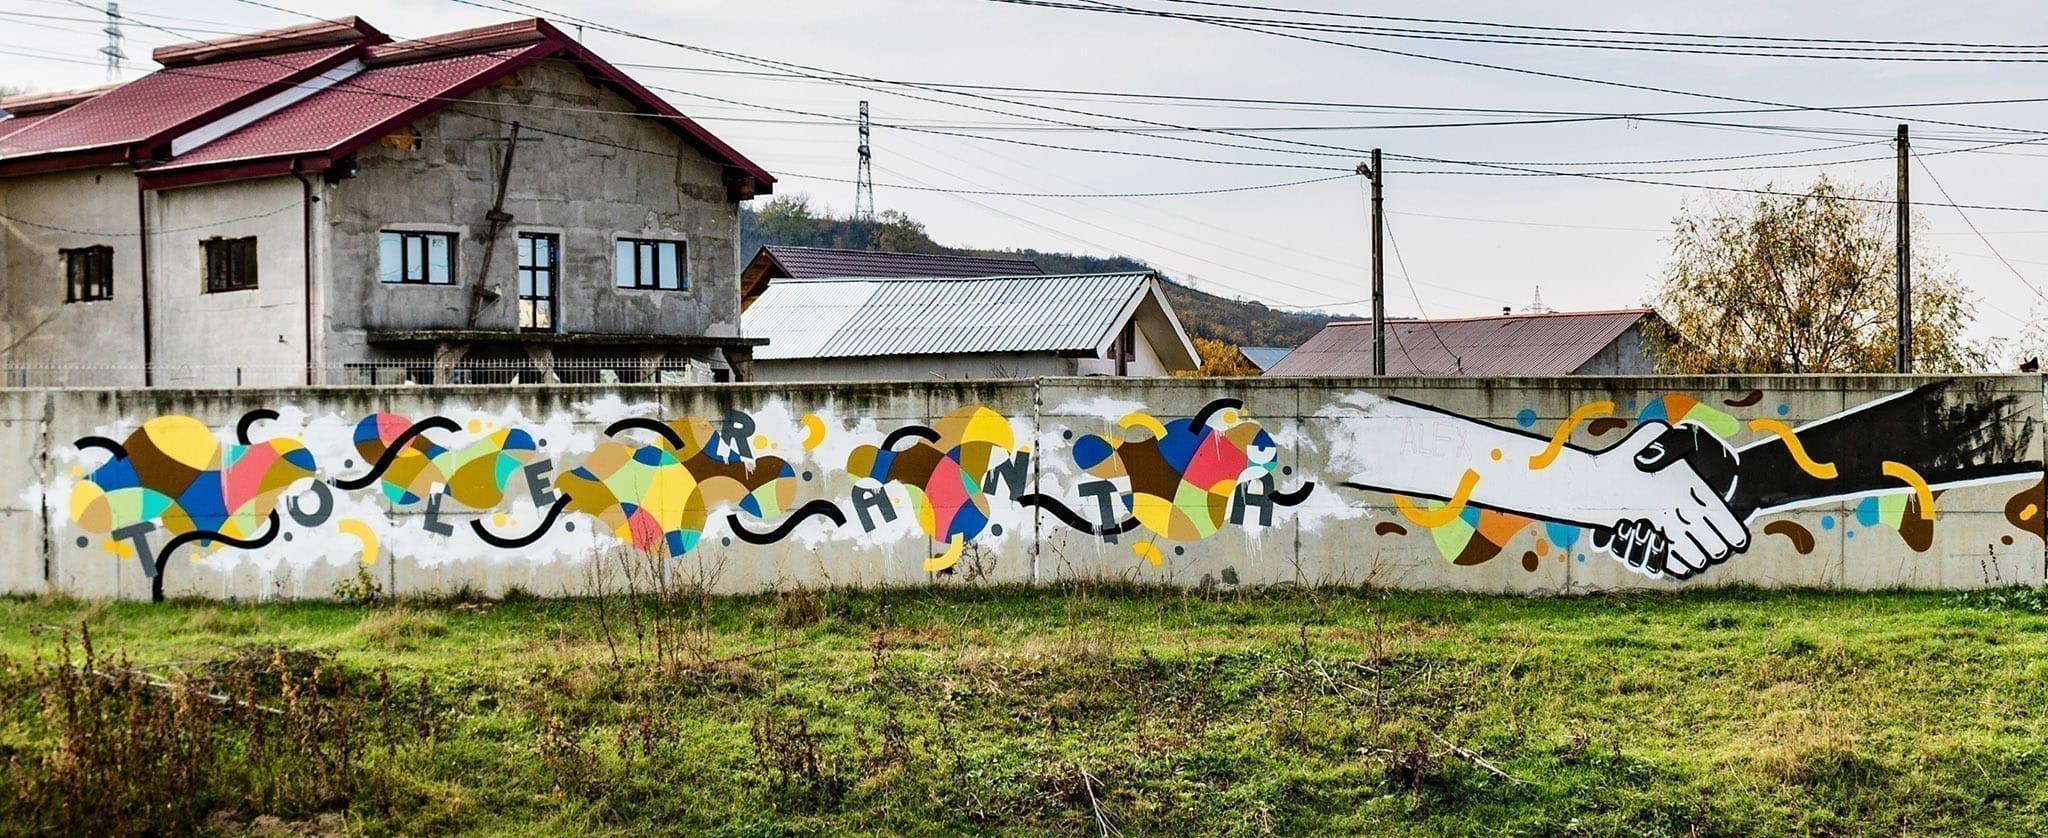 RO si HarceaPacea - Inziderabilii foto Ciprian Minea2019